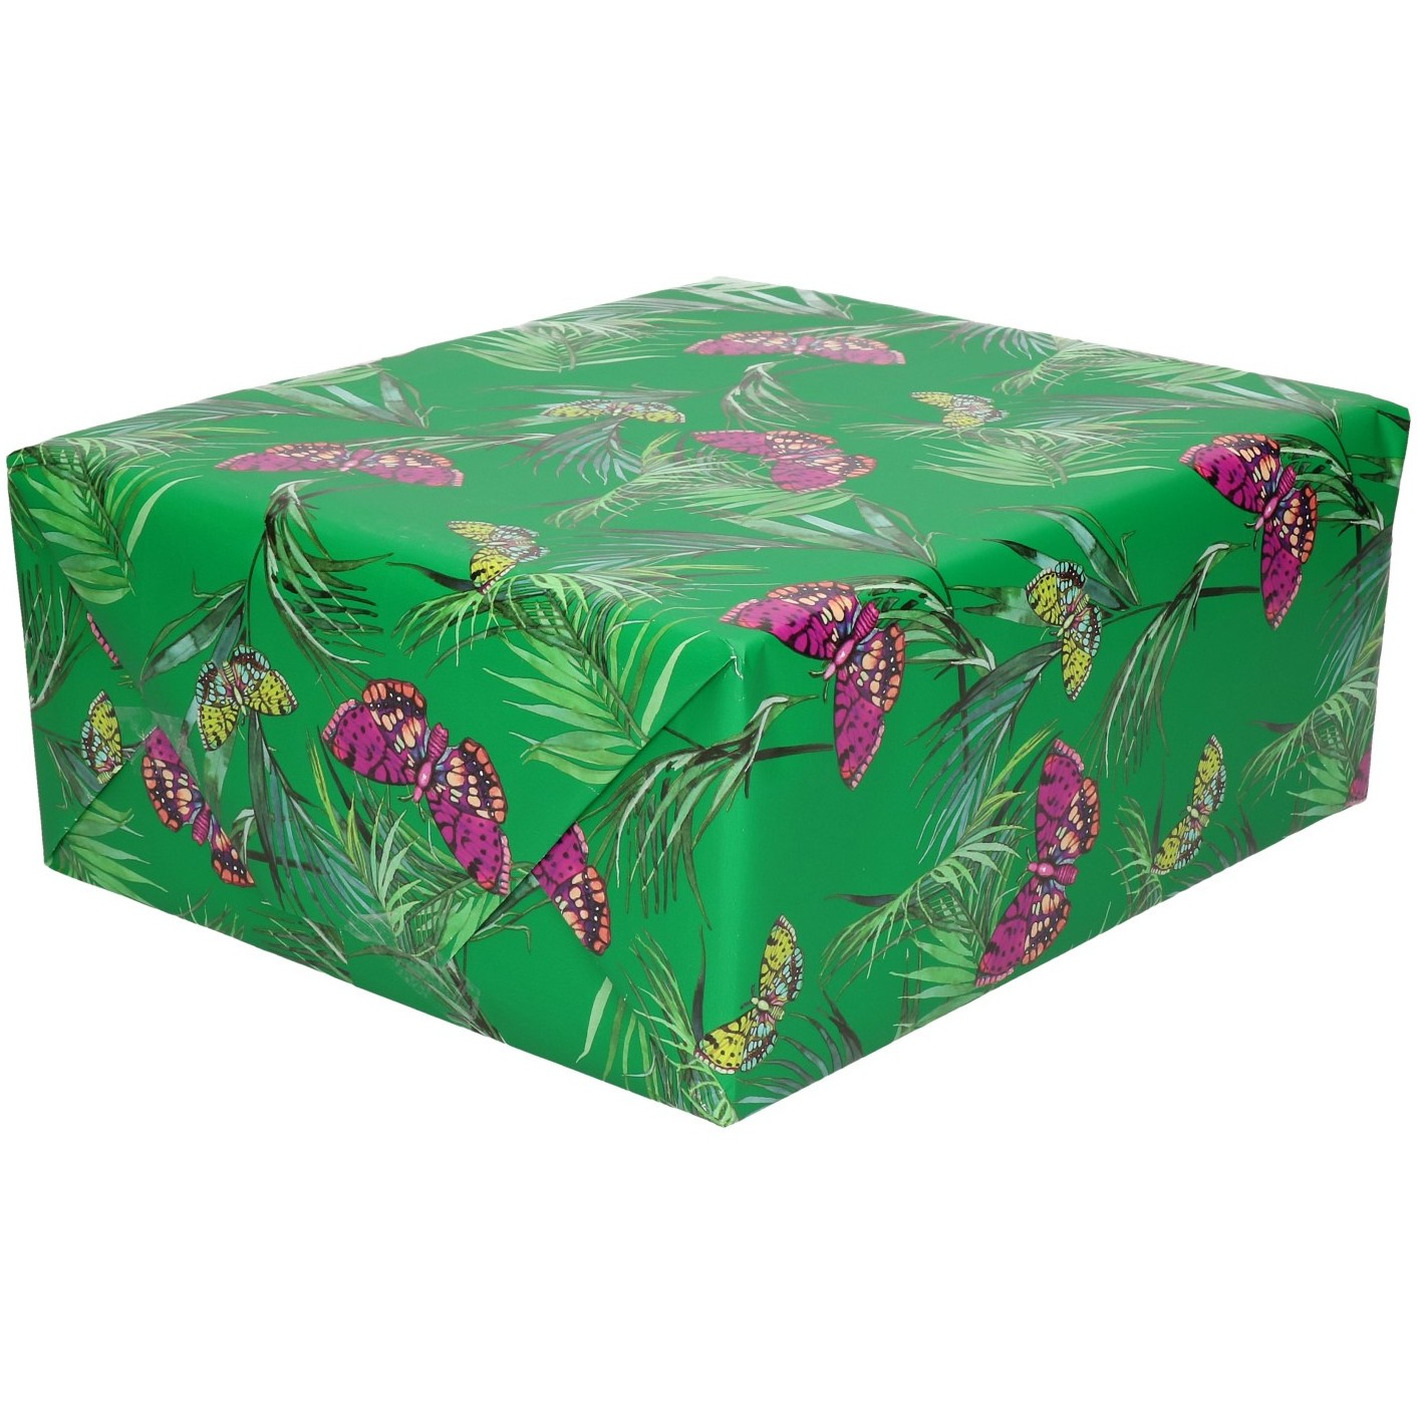 Rollen Inpakpapier/cadeaupapier groen met paarse vlinders 200 x 70 cm